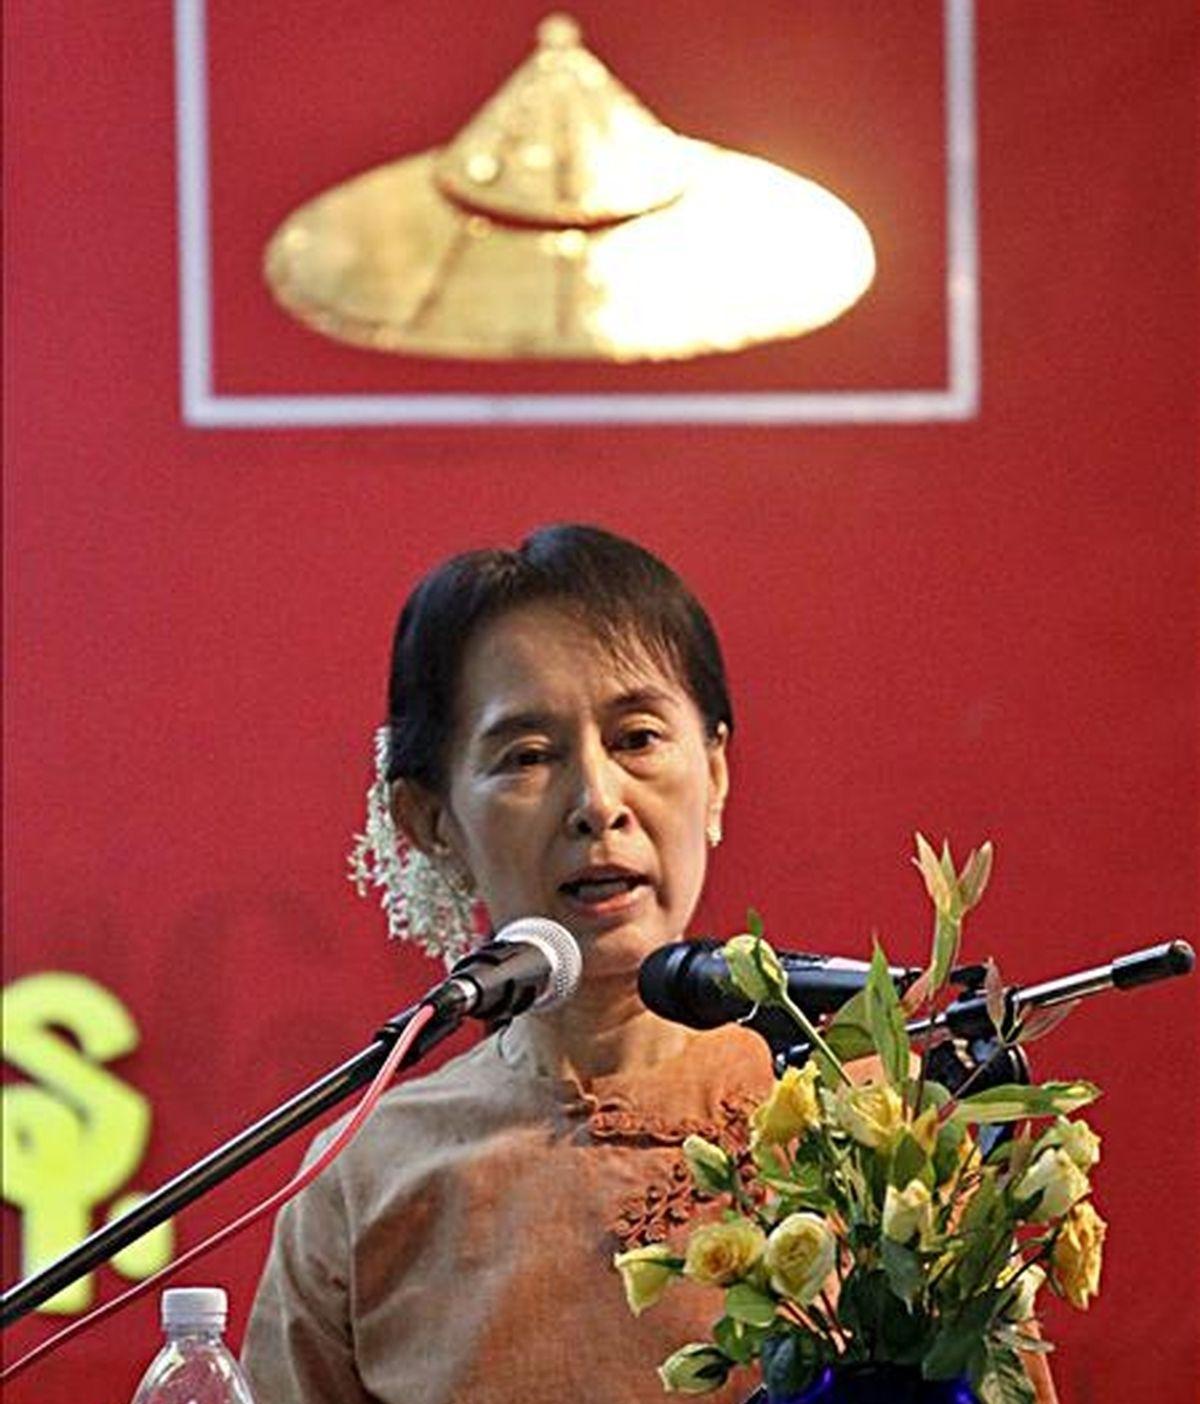 La premio Nobel de la Paz, jefa del movimiento democrático birmano y secretaria general de la Liga Nacional por la Democracia (LND), Aung San Suu Kyi, habla durante un acto con motivo de 90 Día Nacional en la sede de la LND en Rangún, Birmania, hoy, 1 de diciembre de 2010. EFE